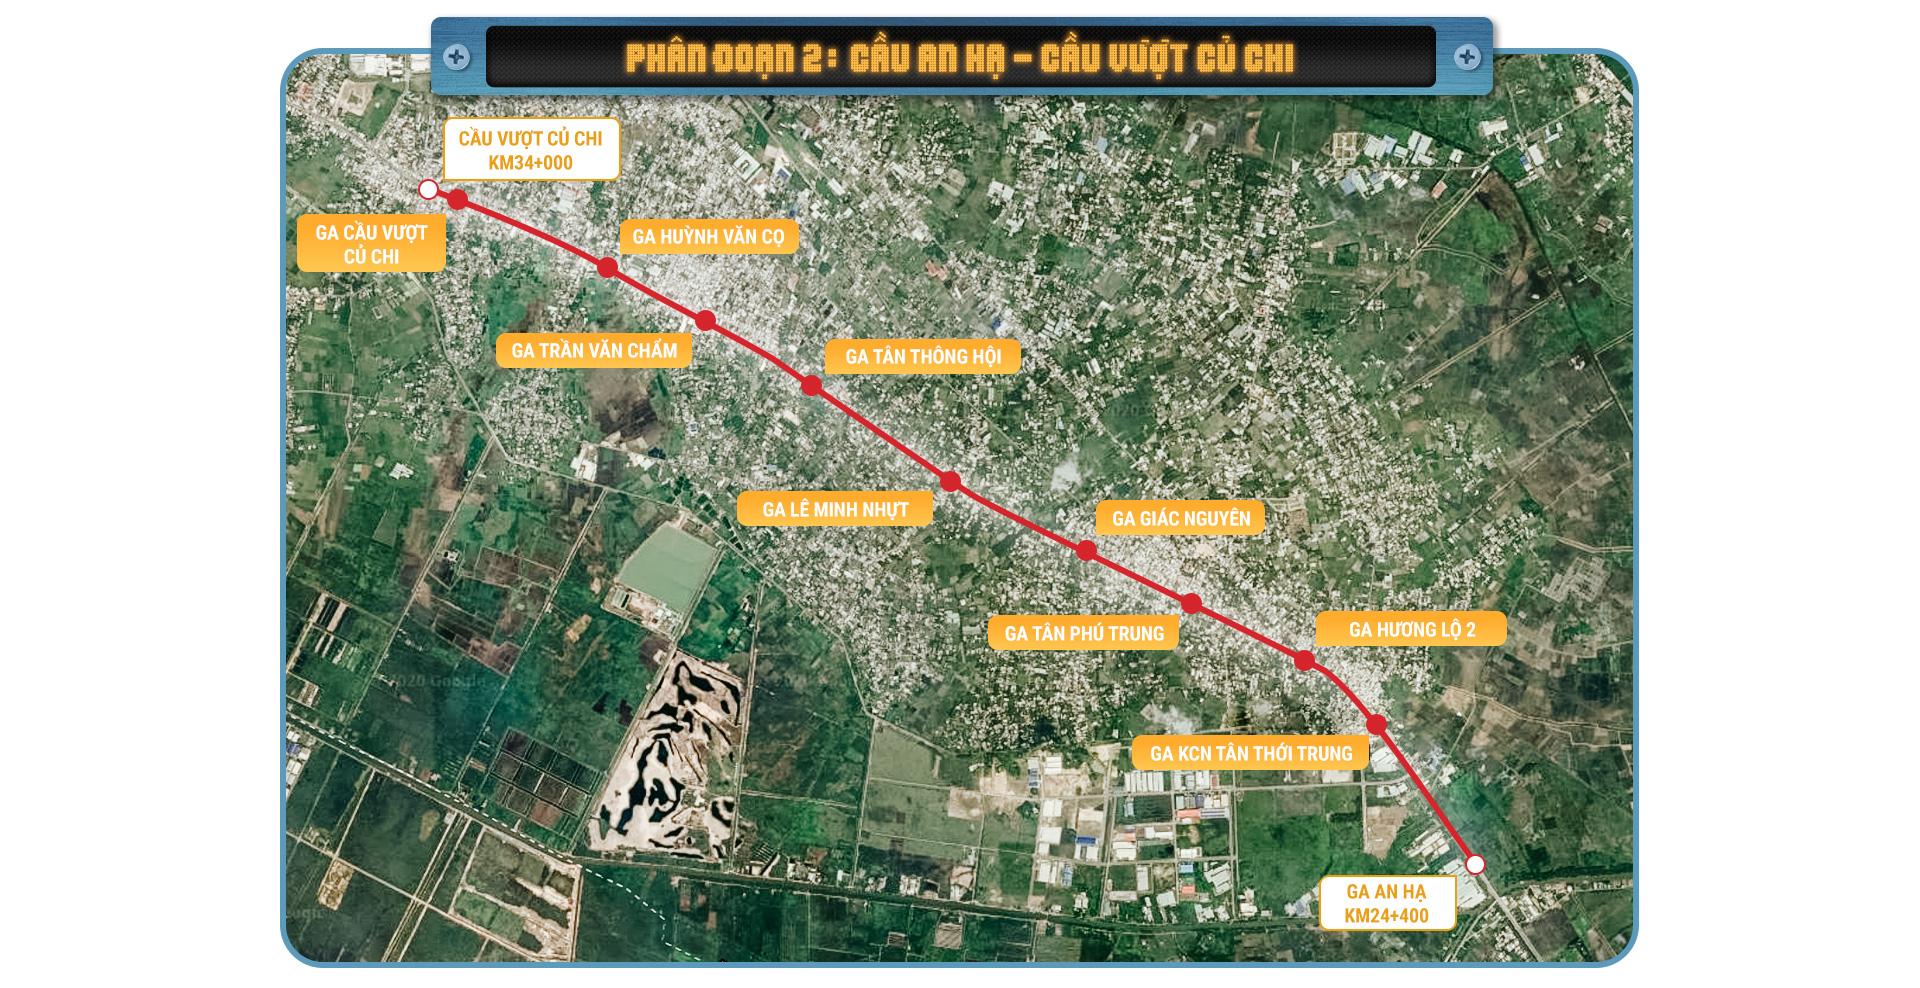 Metro số 2 Bến Thành  - Tham Lương tuyến metro xuyên tâm dài nhất TP.HCM - Ảnh 4.